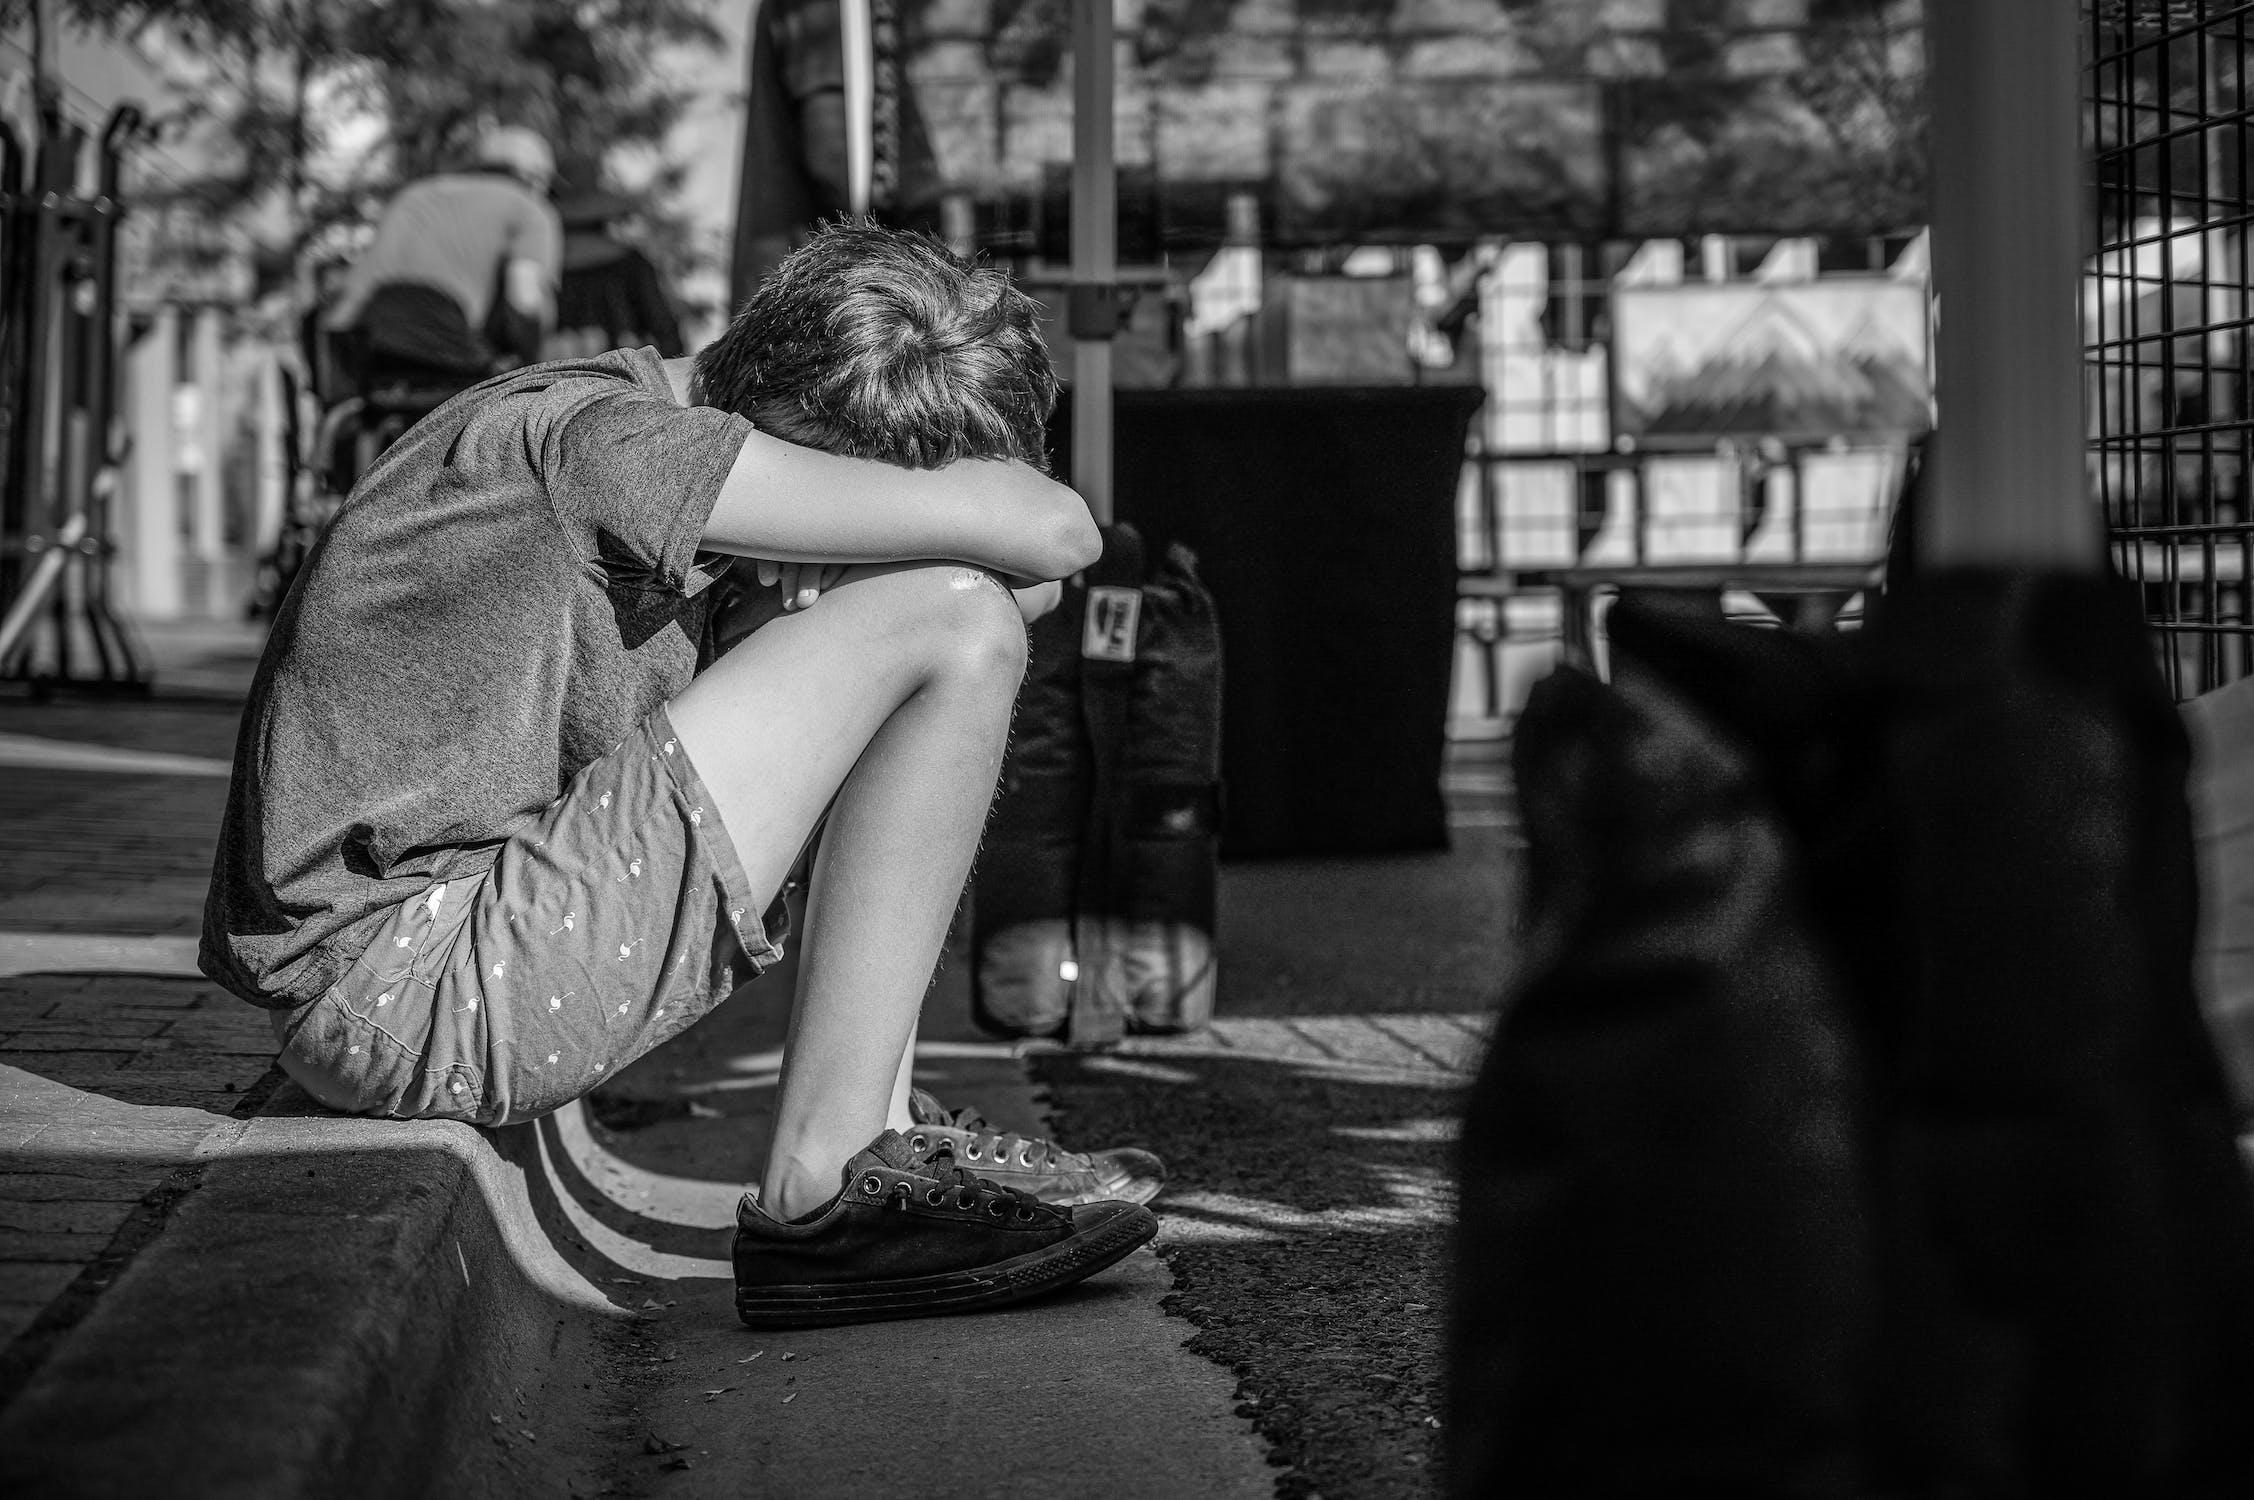 dấu hiệu của trầm cảm